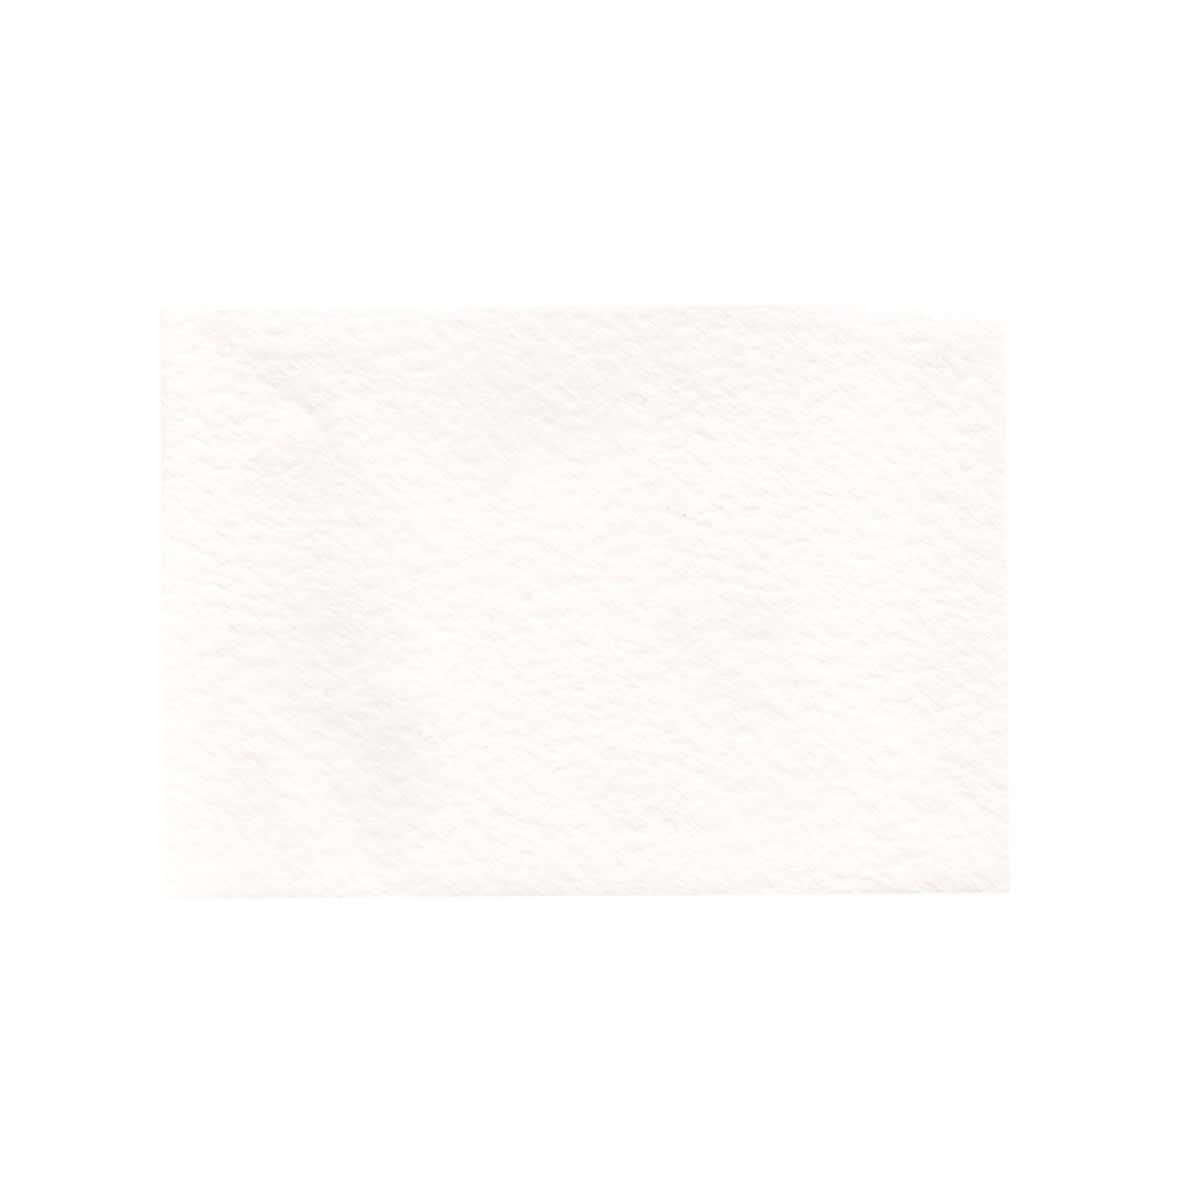 C6 WHITE HAMMER EFFECT ENVELOPES 135GSM